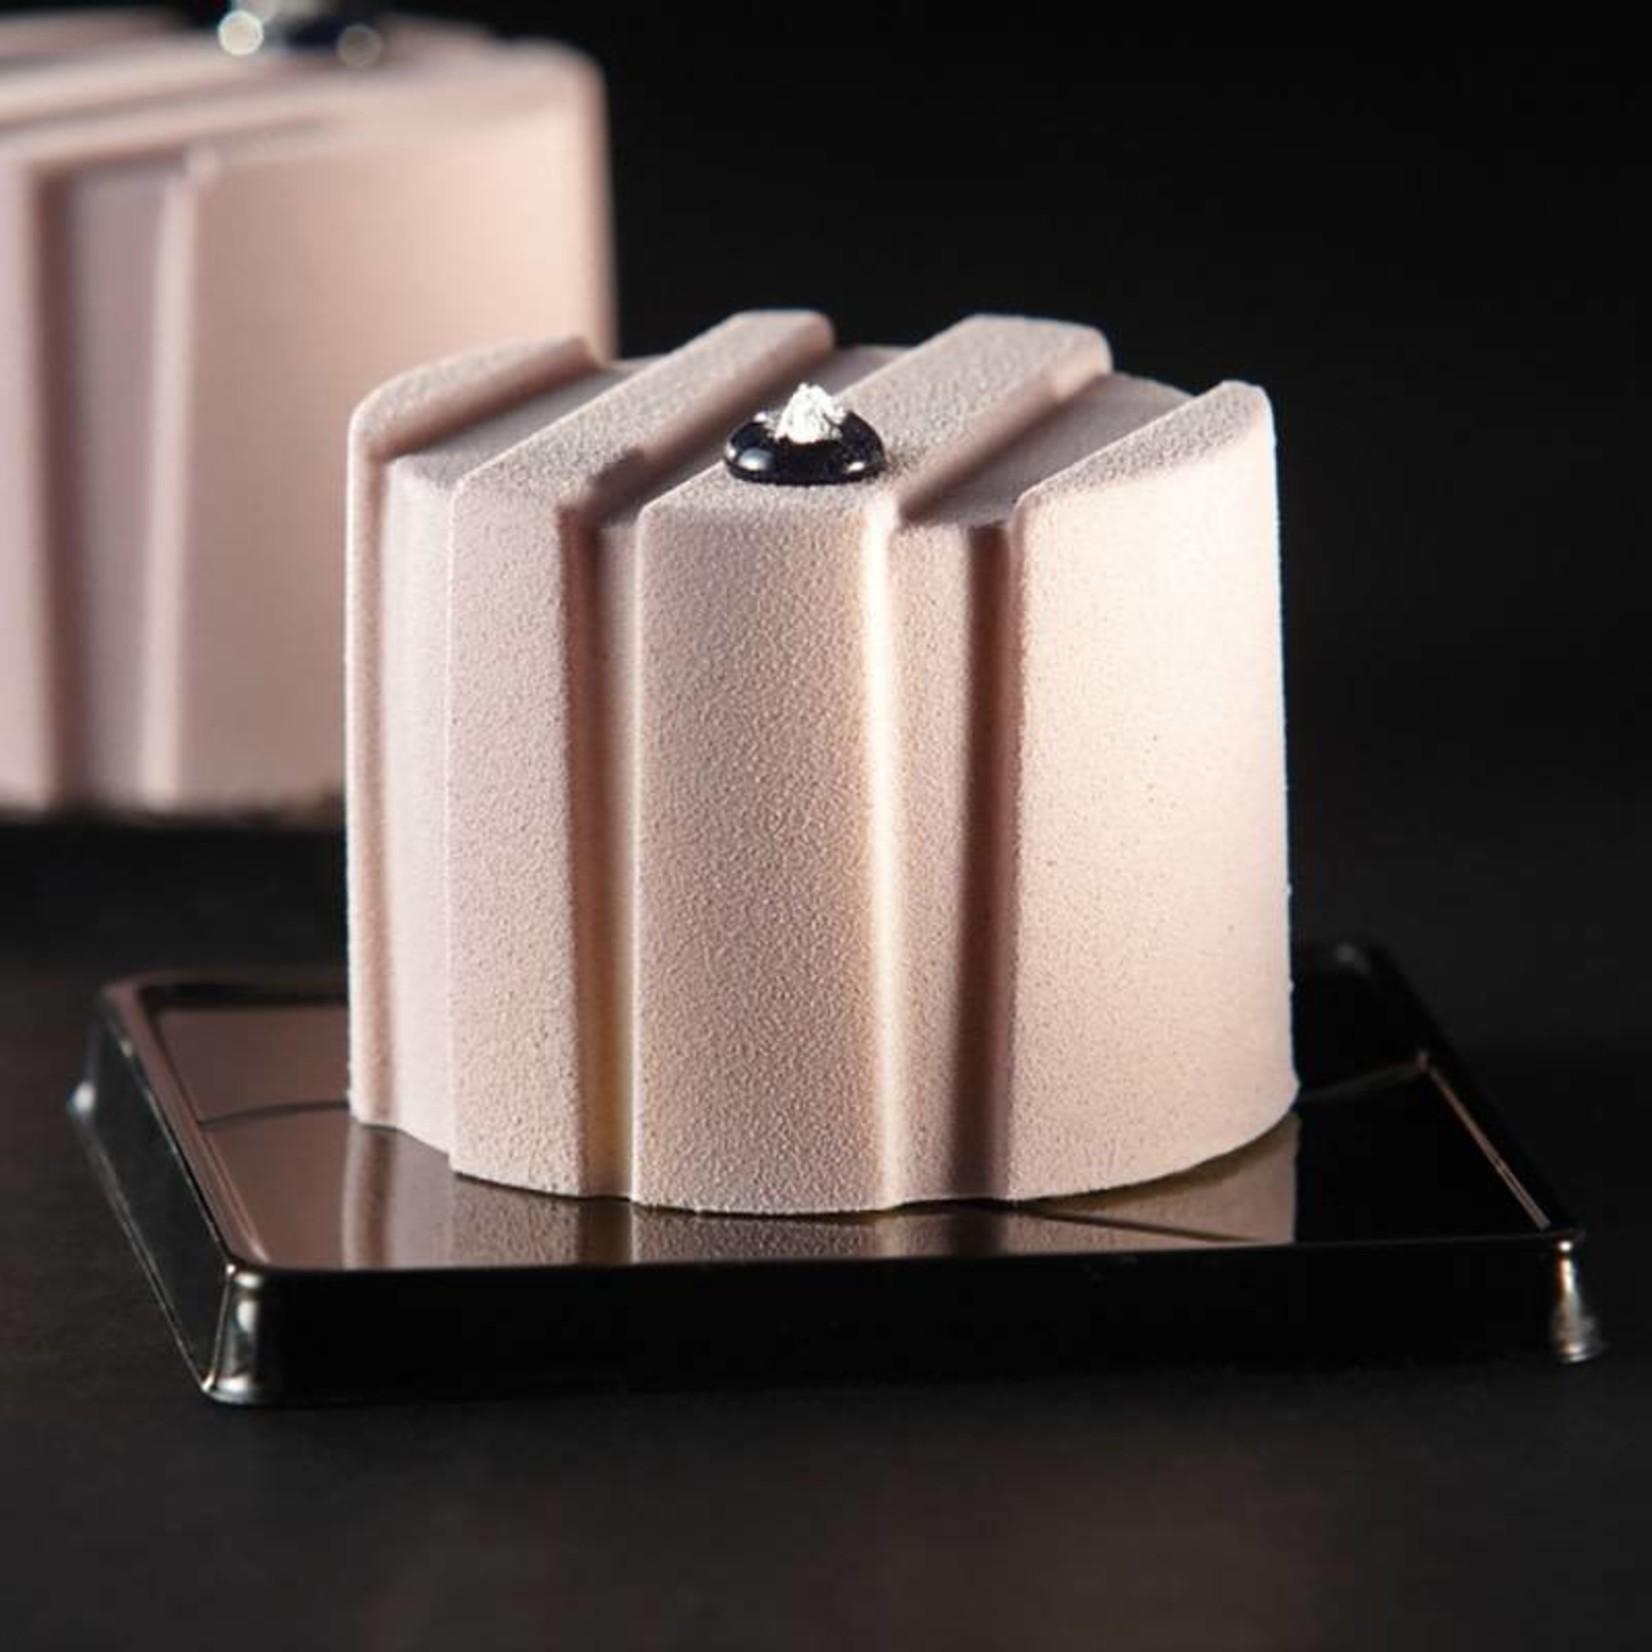 Pavoni Pavoni - Pavoflex silicone mold, Rigo, Monoporzione (24 cavity), PX019